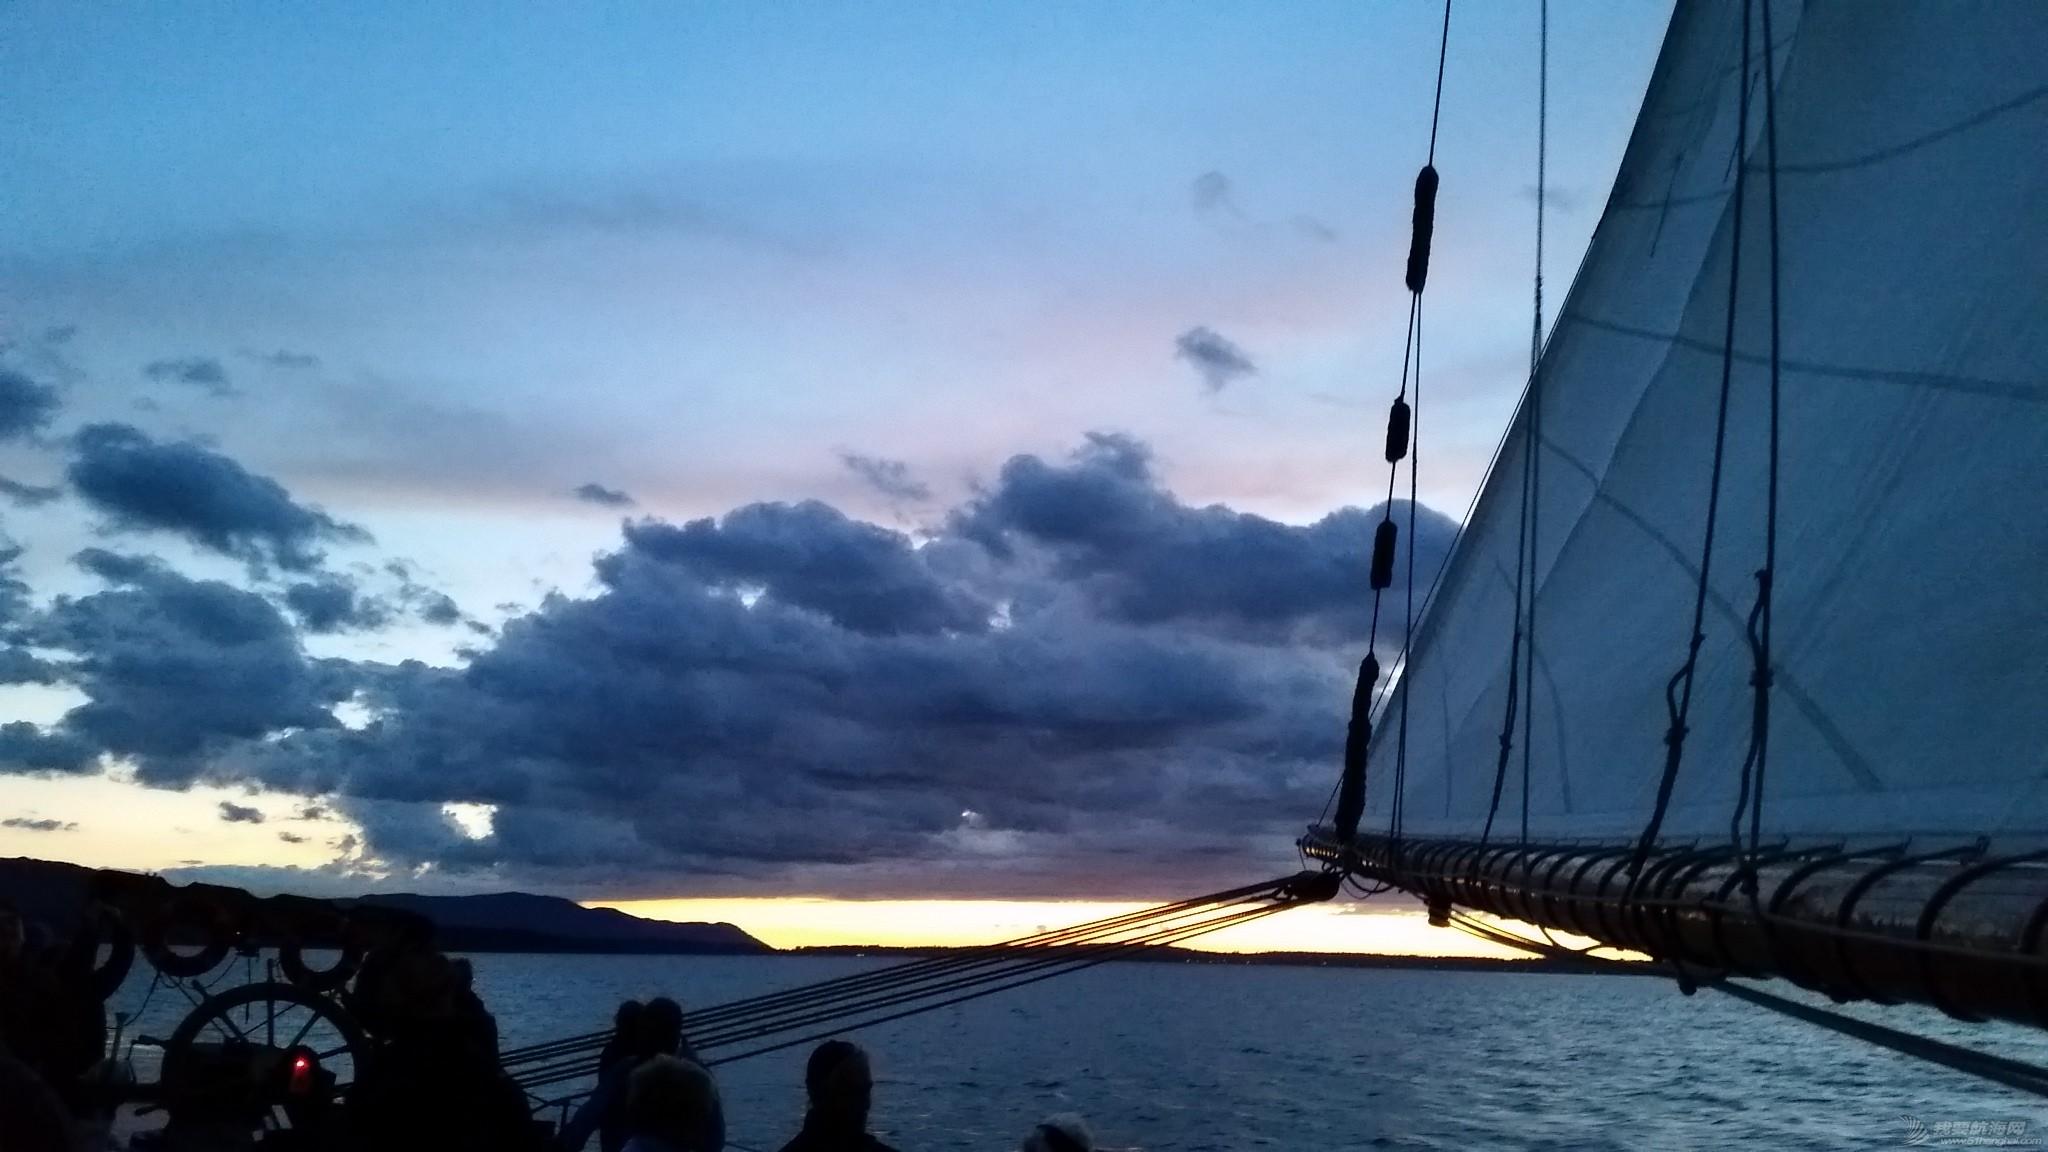 美国,传奇,帆船,世纪,中文翻译 2017美国圣胡安探险《极致玩帆》系列之一-海峡追风+世纪传奇大型古典帆船[西雅图] 064802gikfl87suaflncl3.jpg